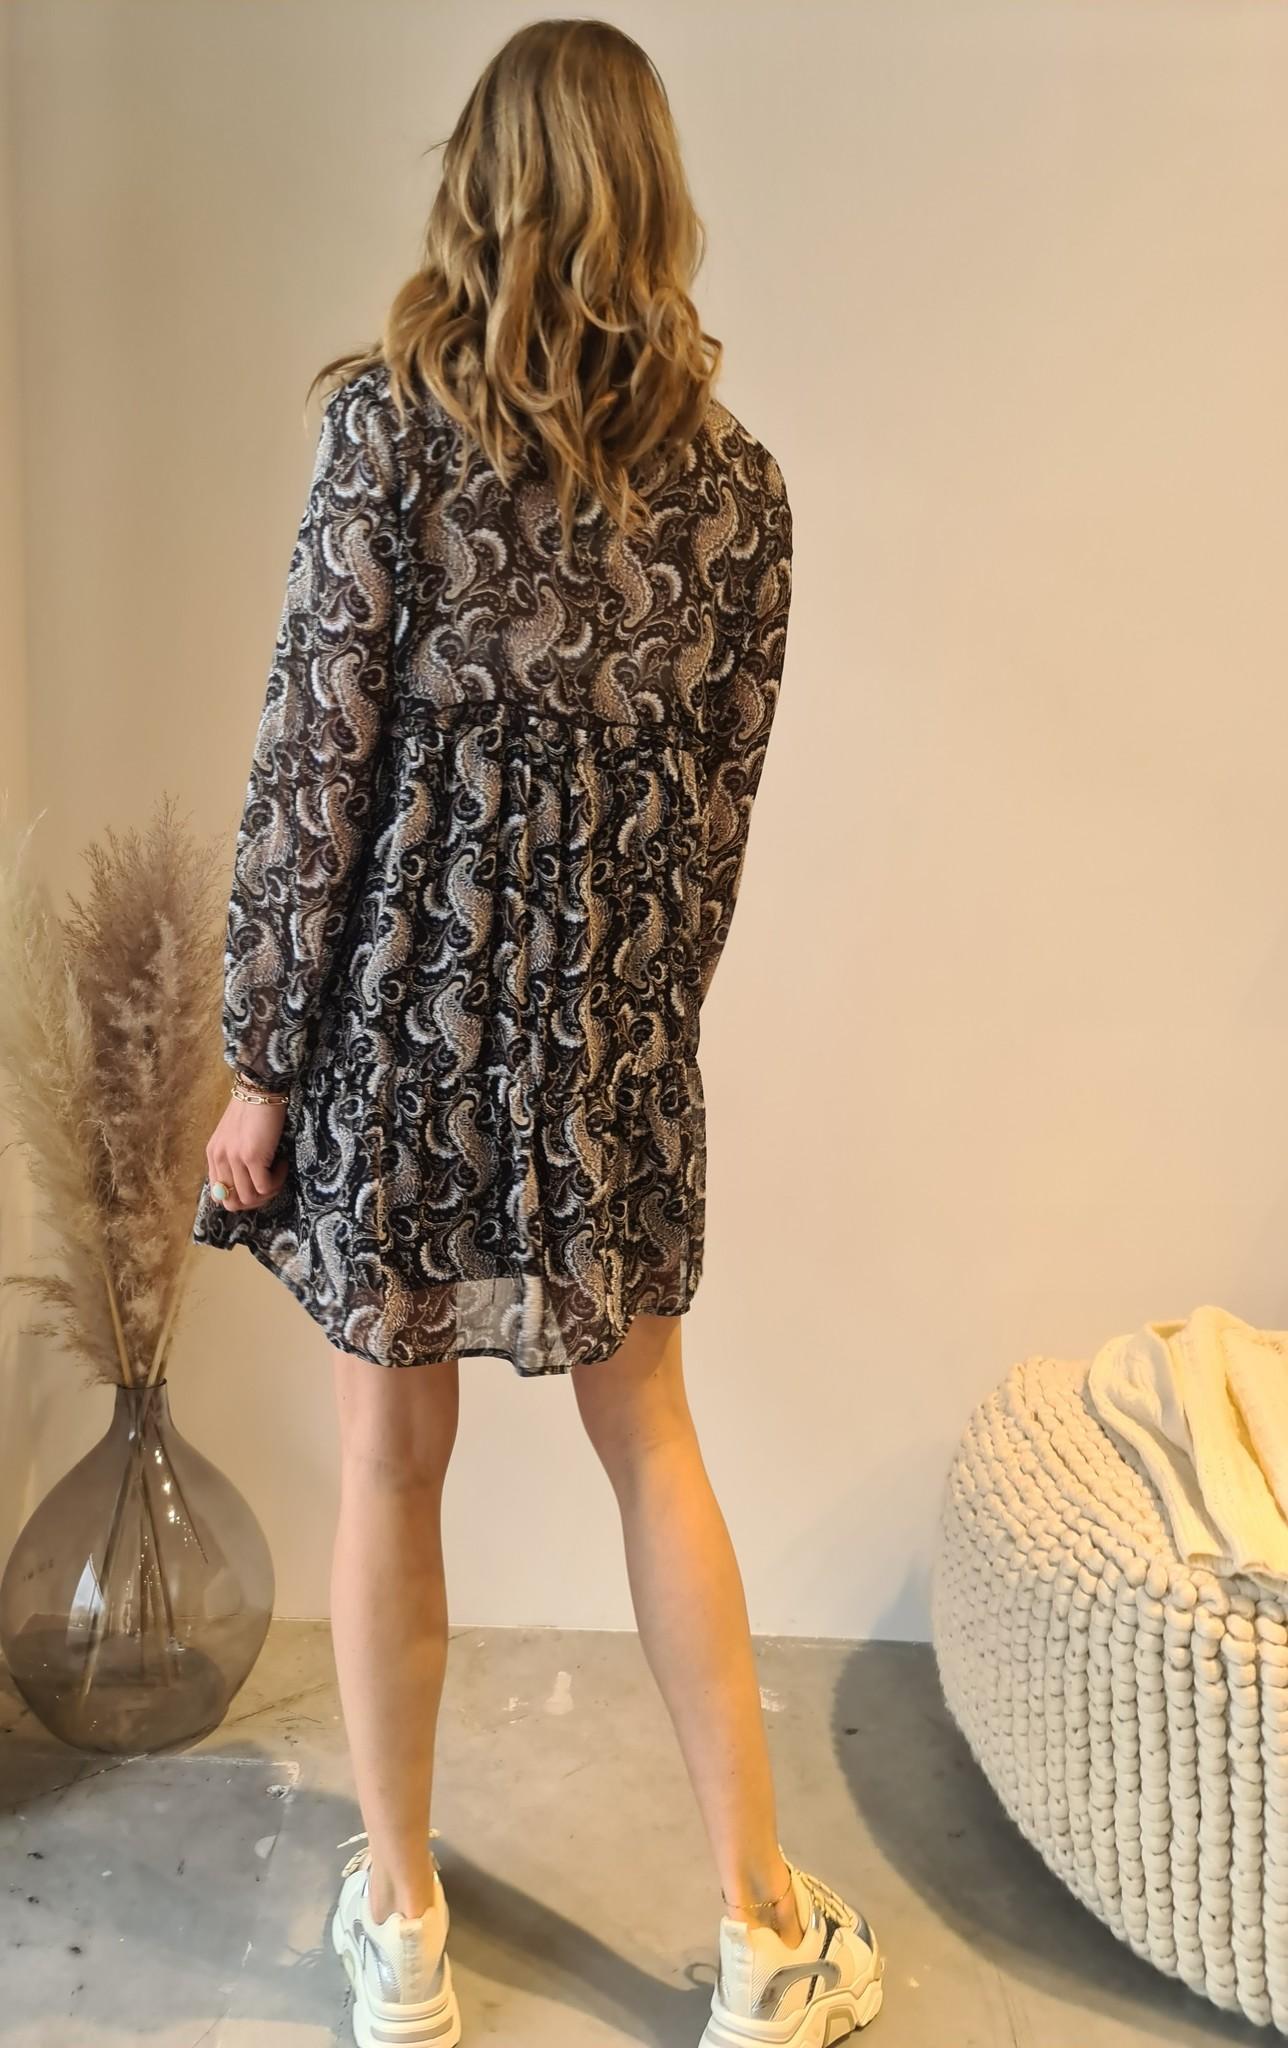 ROMANE robe-7